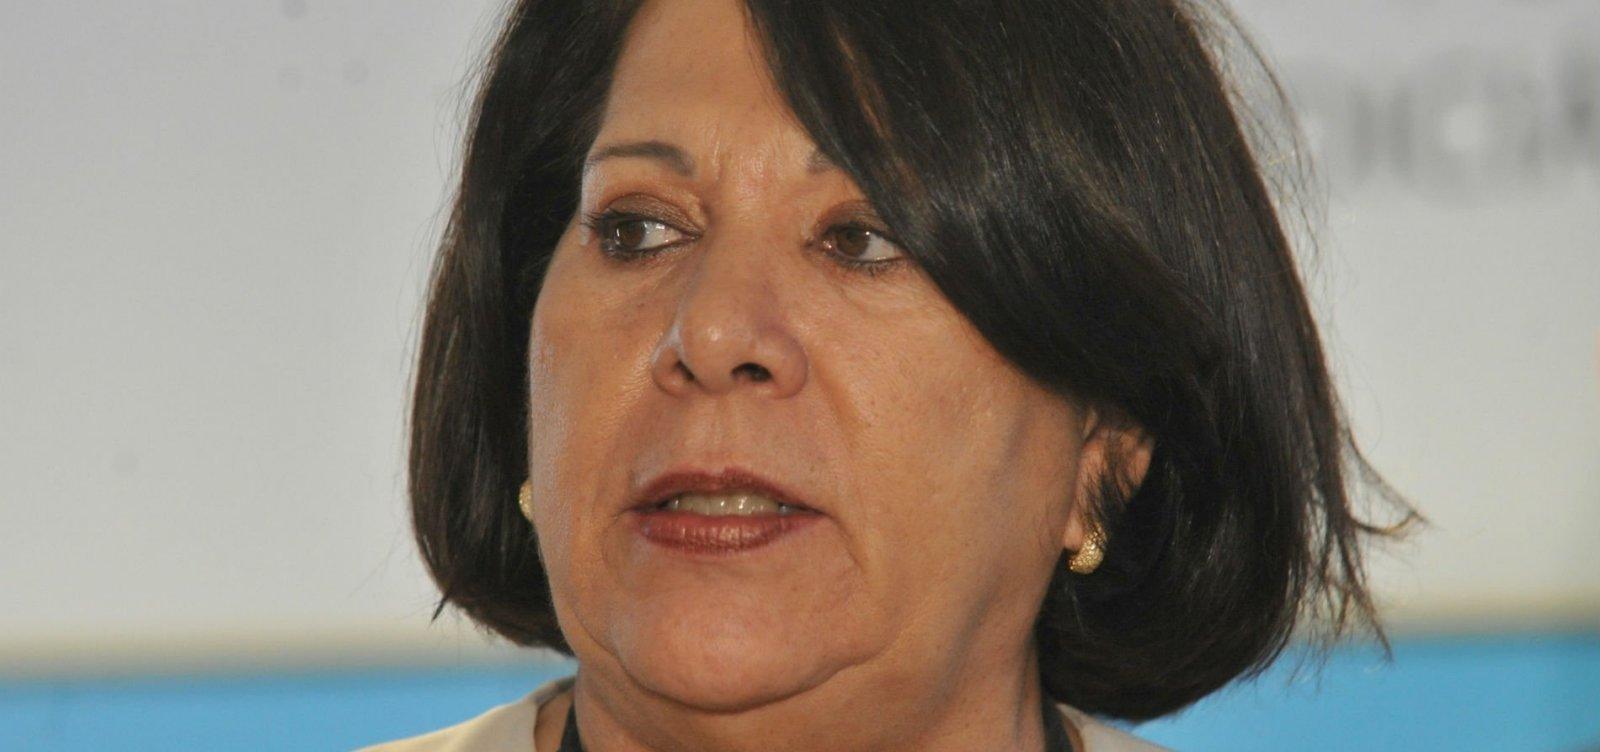 ['Retrocesso em nível internacional', diz Eliana Calmon sobre decisão de Toffoli ]